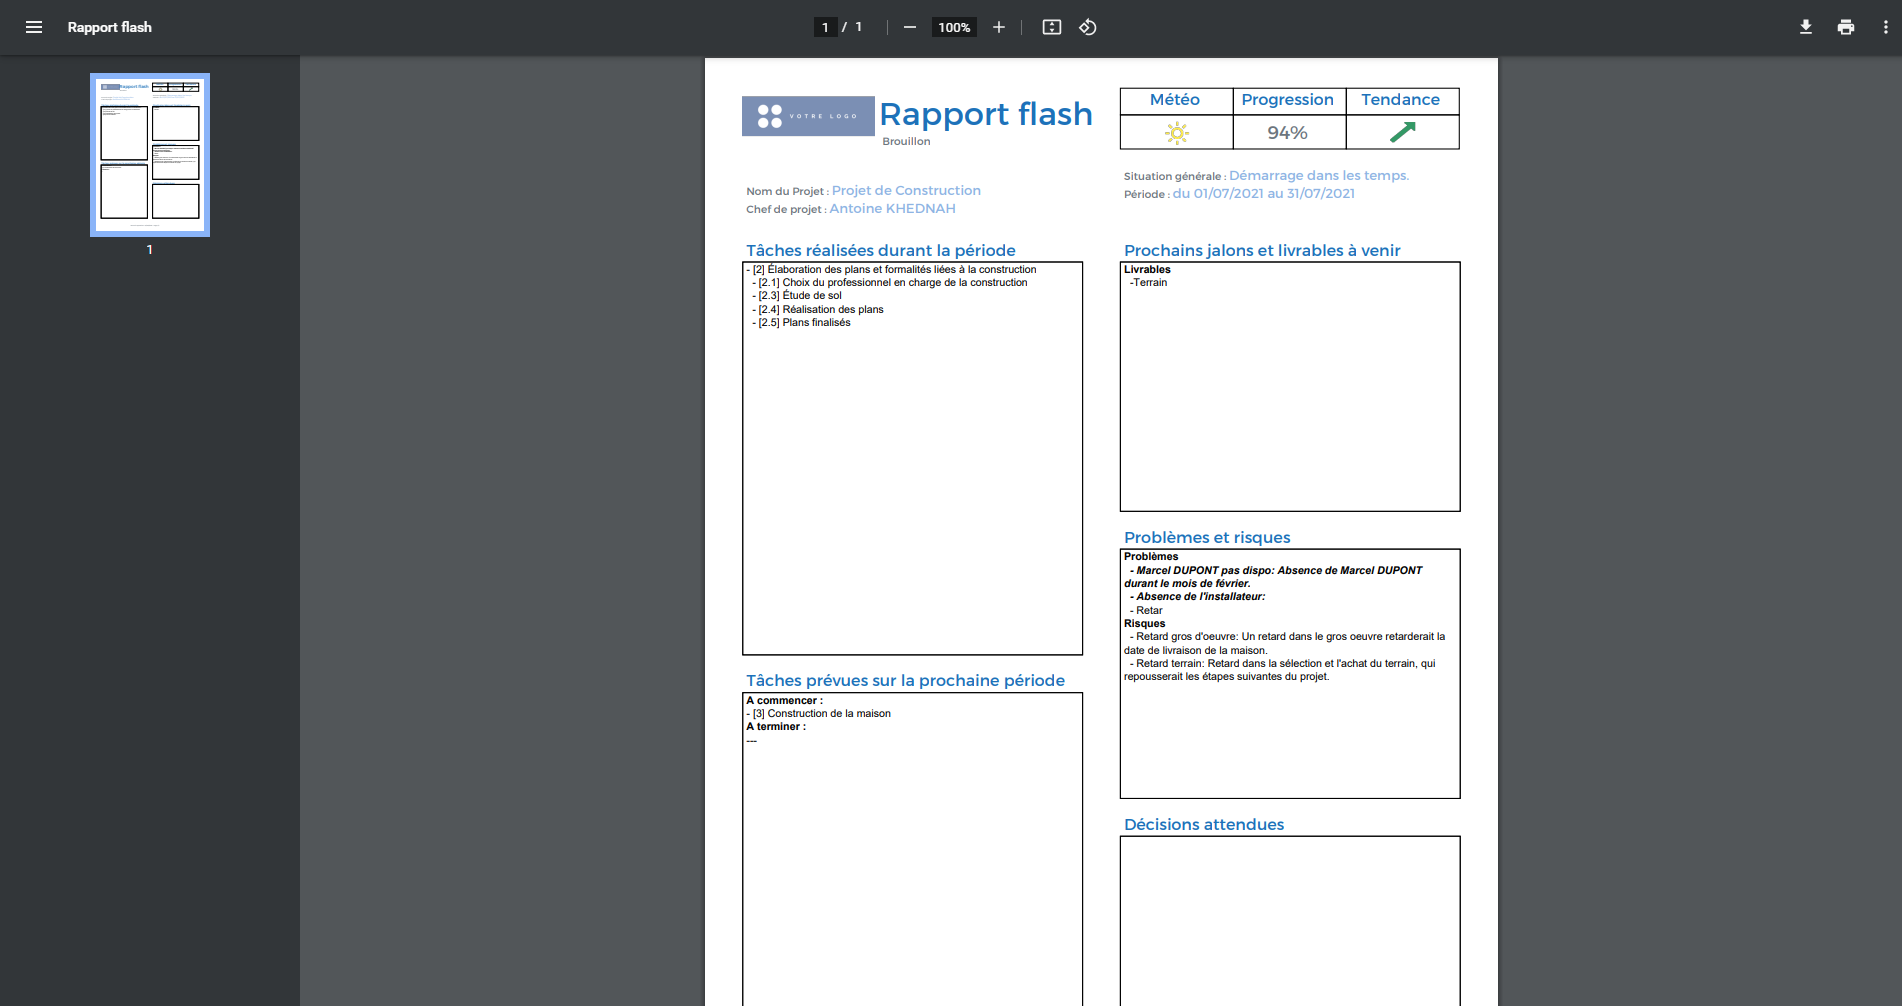 Le Rapport Flash permet de réaliser un reporting rapide sur l'état d'avancement du projet. Il est prérempli et éditable avant de l'exporter en PDF.